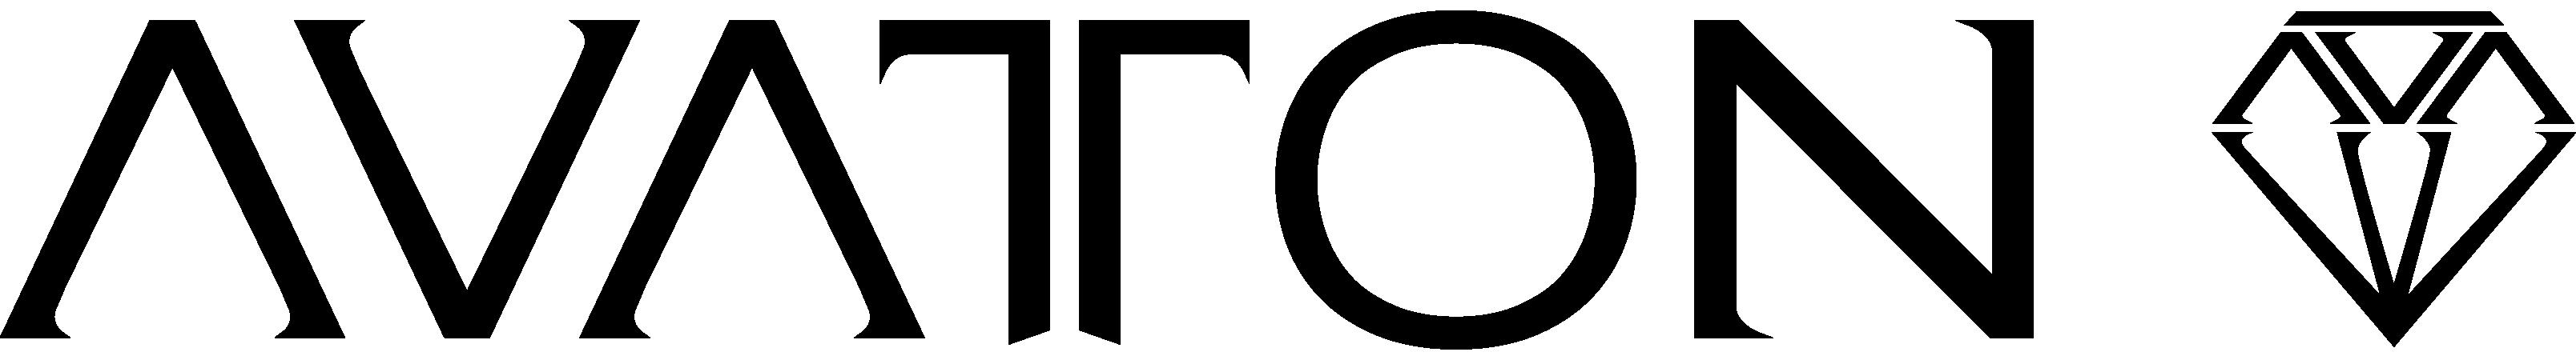 Avatton